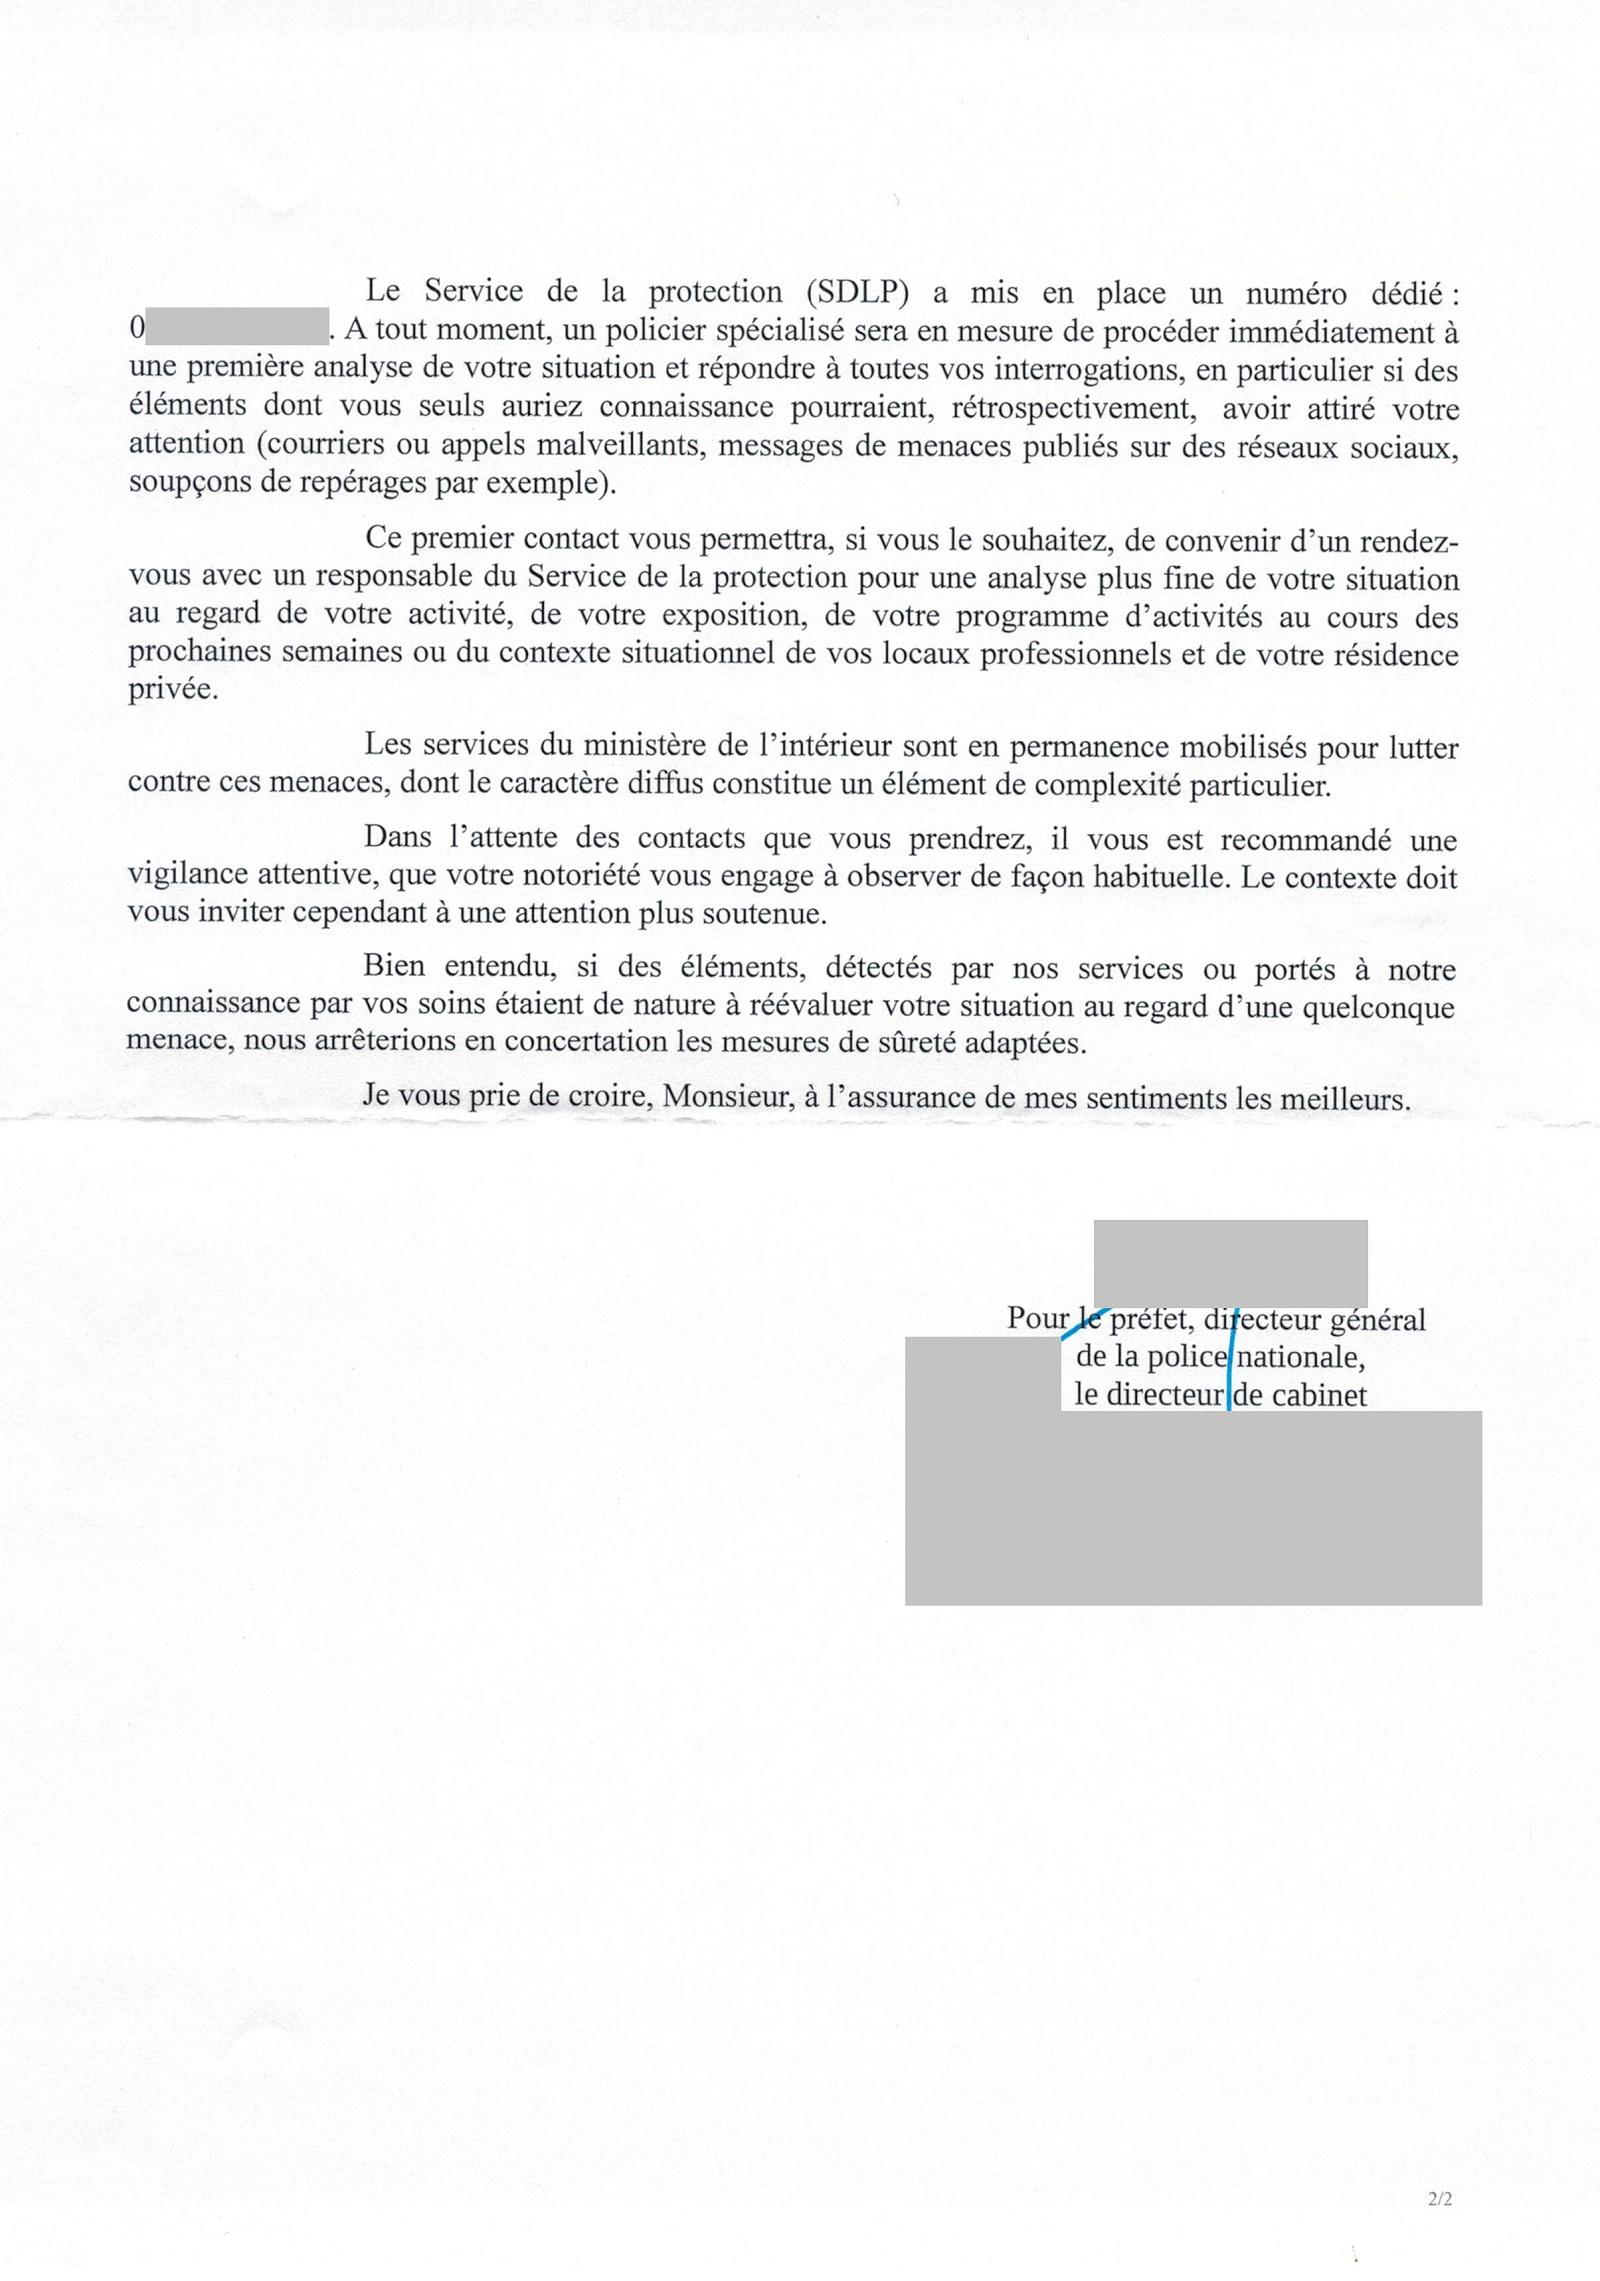 Le ministère de l\'Intérieur informe Alain Soral qu\'il est menacé par ...